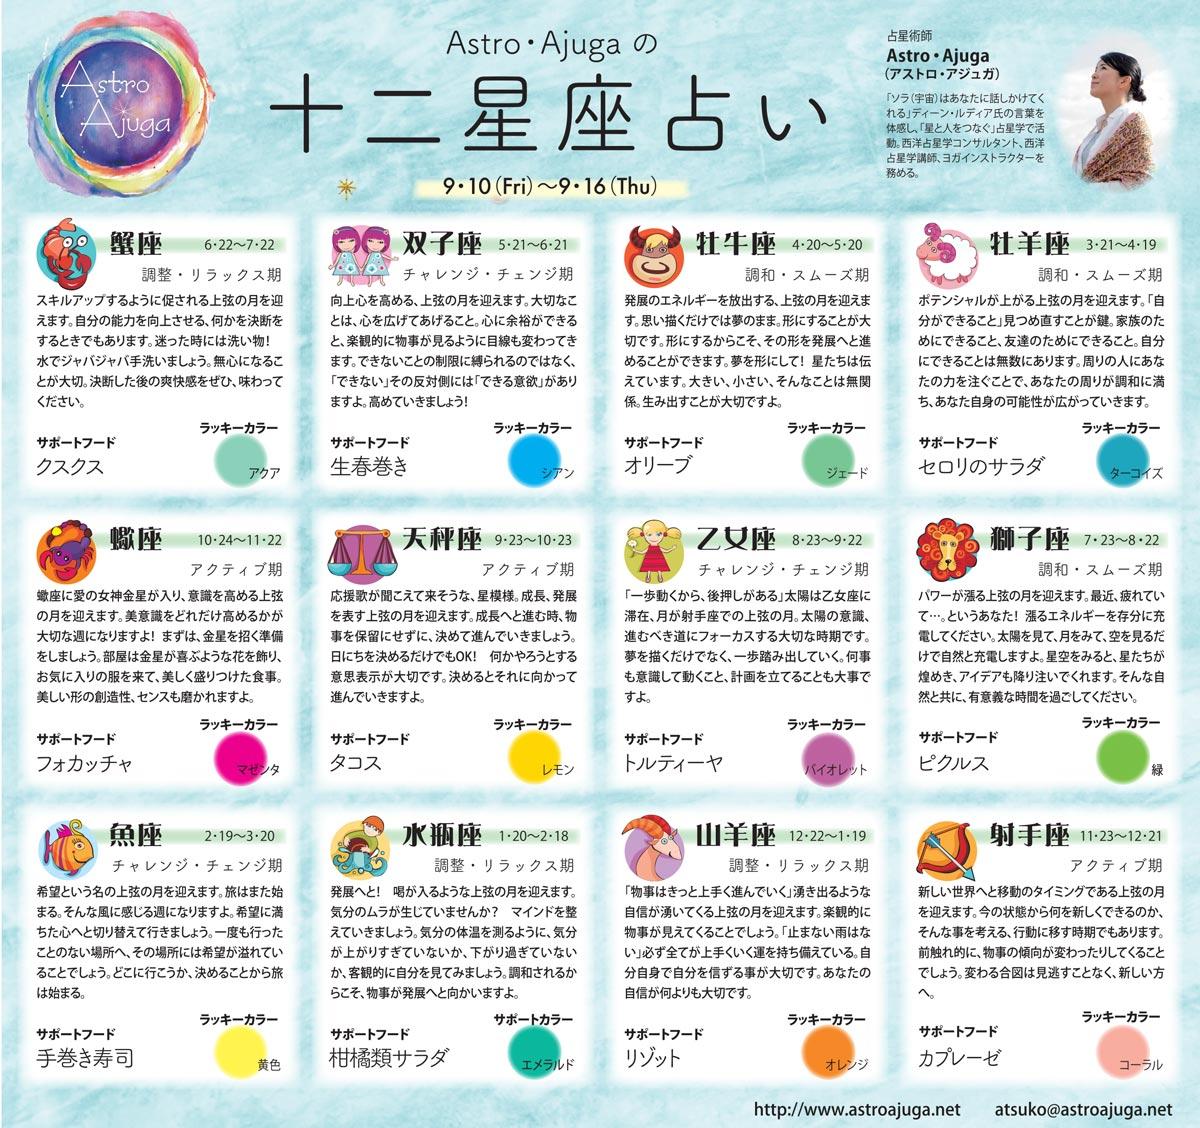 週刊ベイスポ「12星座占い」の連載(9/10〜9/16)